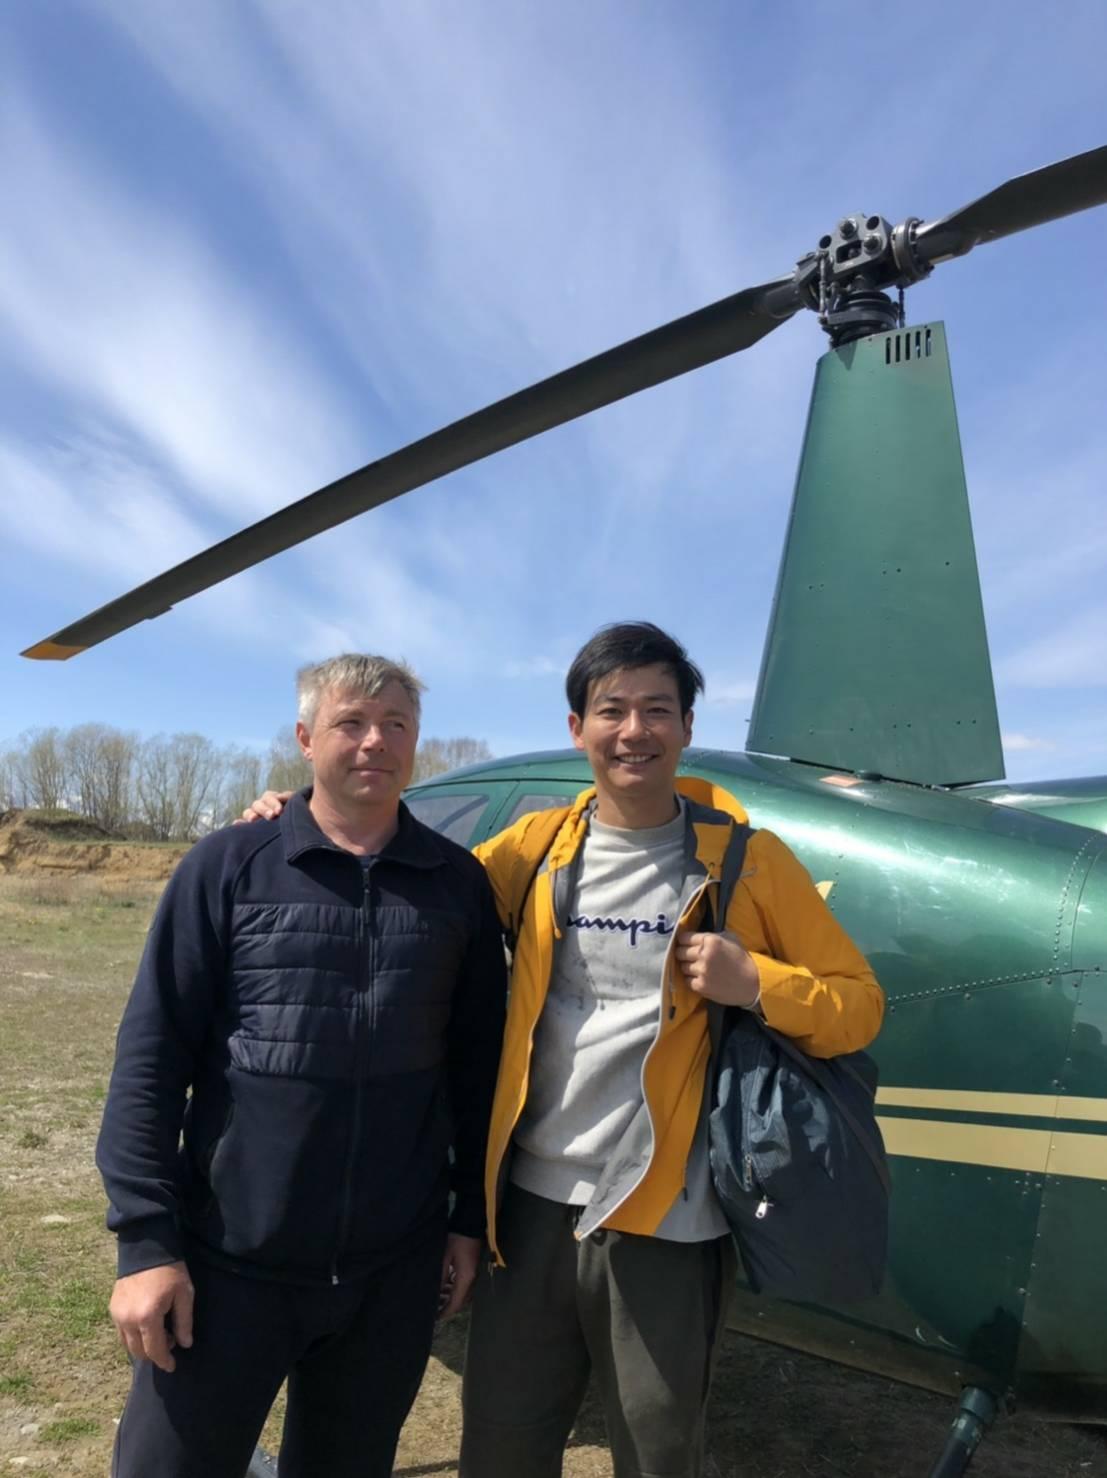 ▲坐在前往堪察加半岛的直升机上,让刘杰中临场感十足。